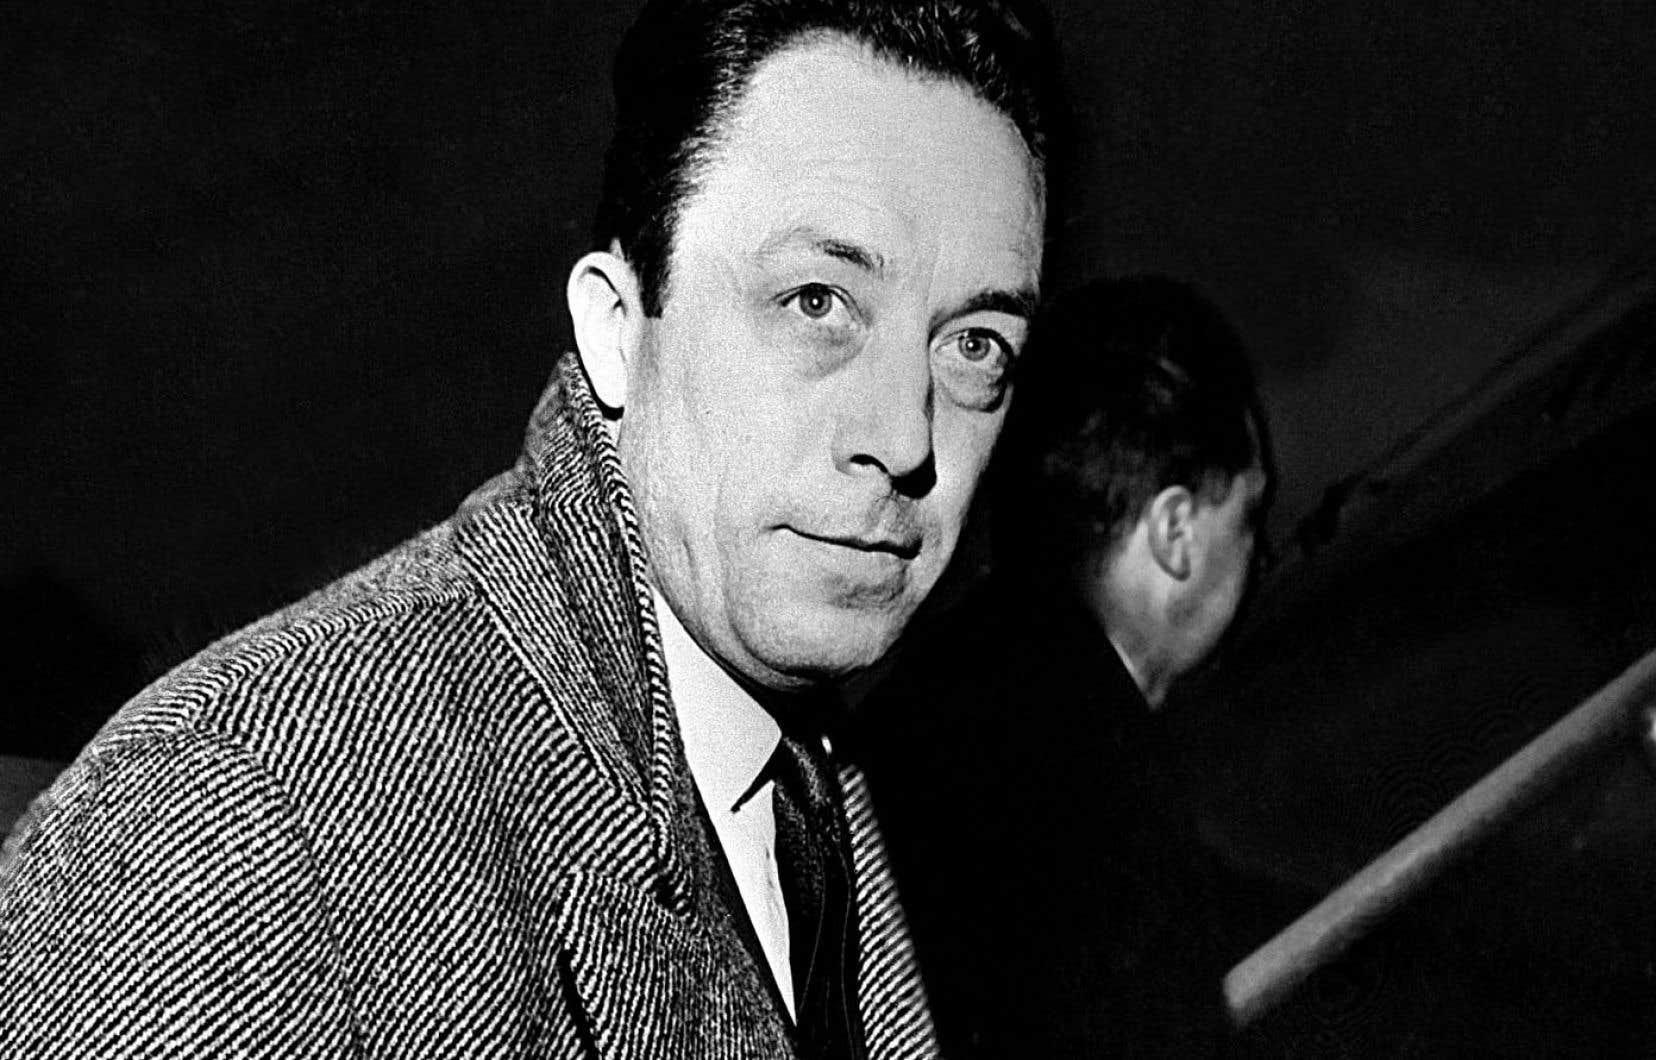 En 1957, Albert Camus reçut le prix Nobel de littérature. Dans une lettre magnifique, l'écrivain reconnaît qu'après sa mère, la première personne à qui il a pensé en gagnant ce prix fut son ancien instituteur, Louis Germain.